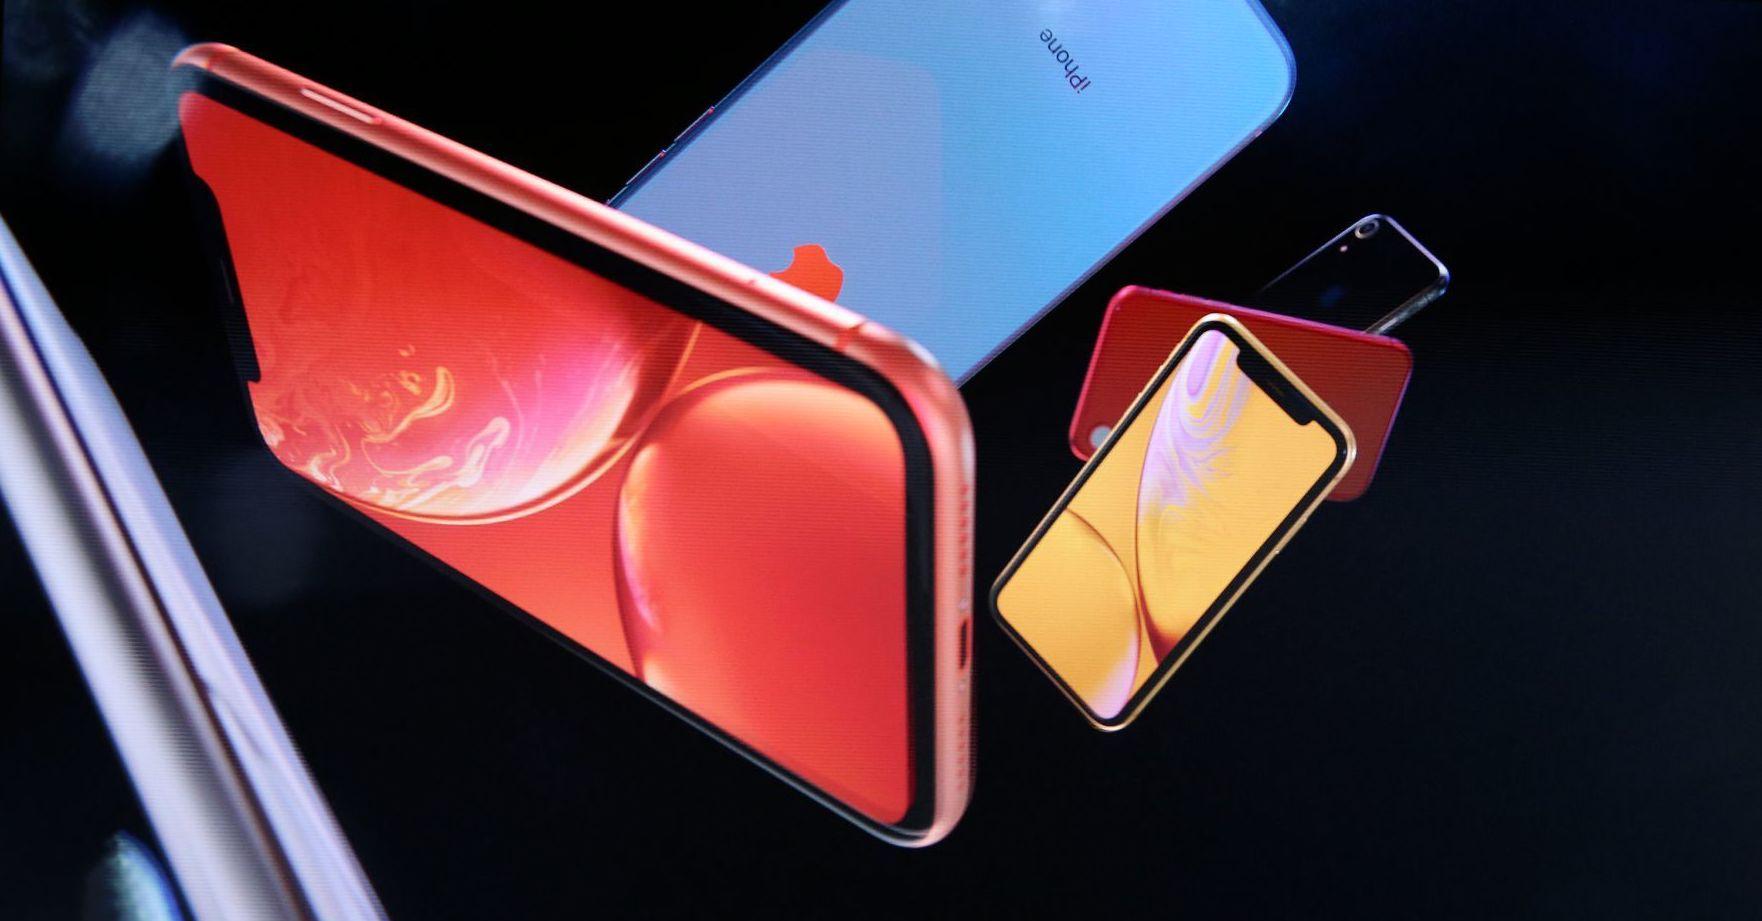 Apple-im-Wechsel-iPhone-Verkauf-strauchelt-Apple-Watch-hebt-ab-